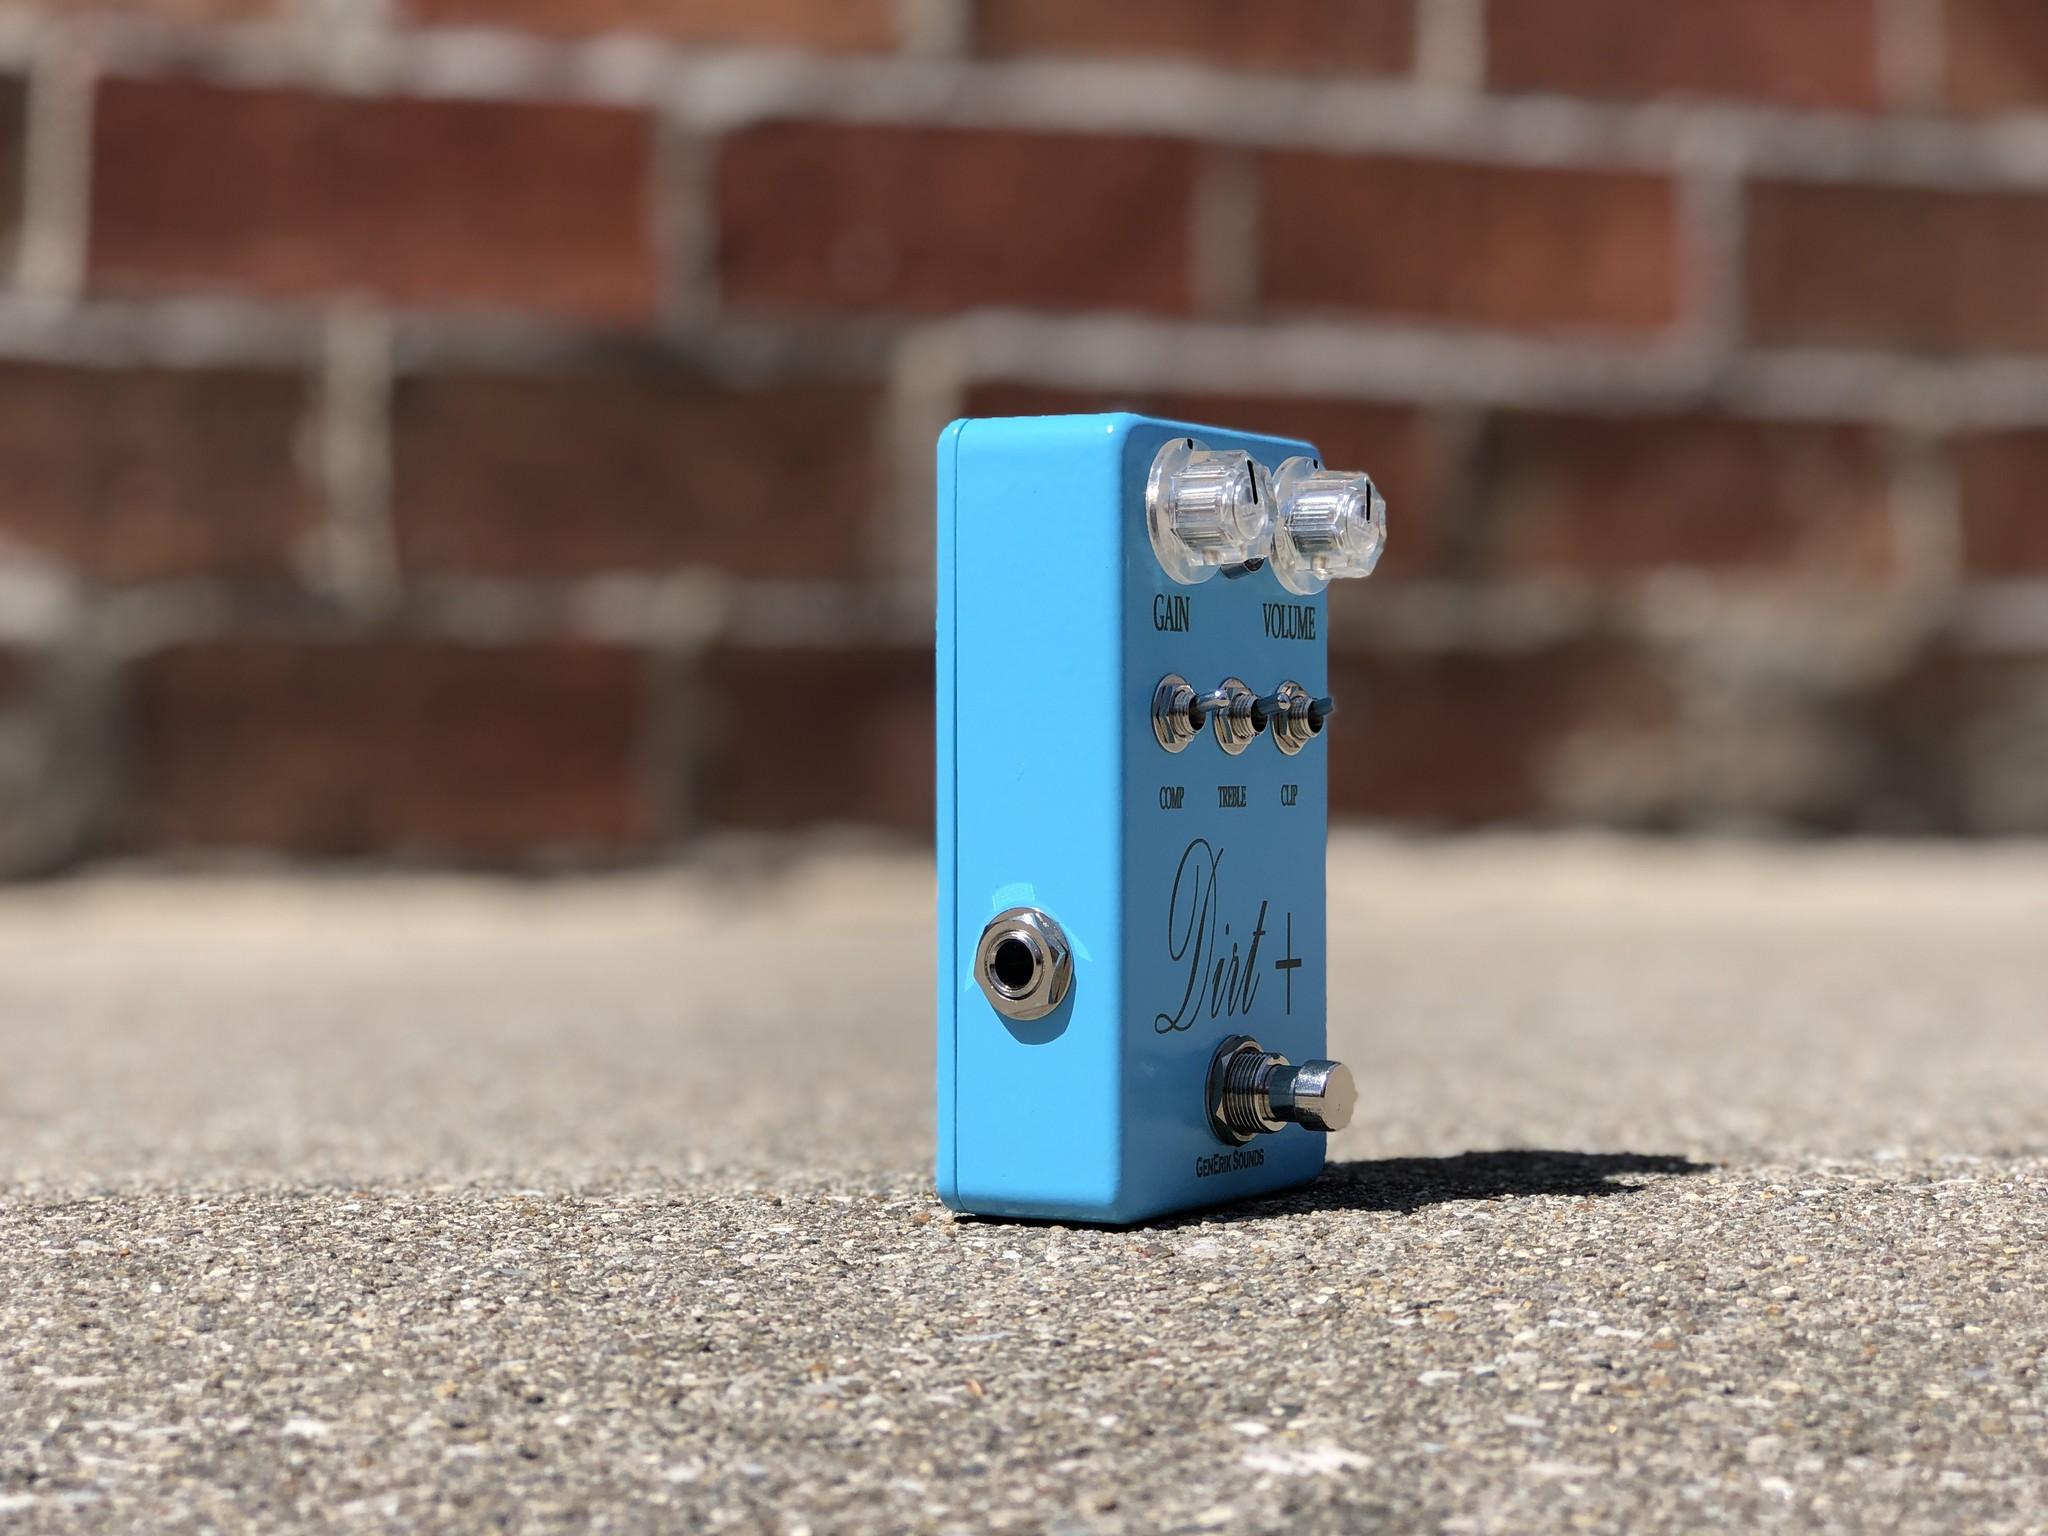 Dirt + Plus - GenErik Sounds Distortion Pedal-2